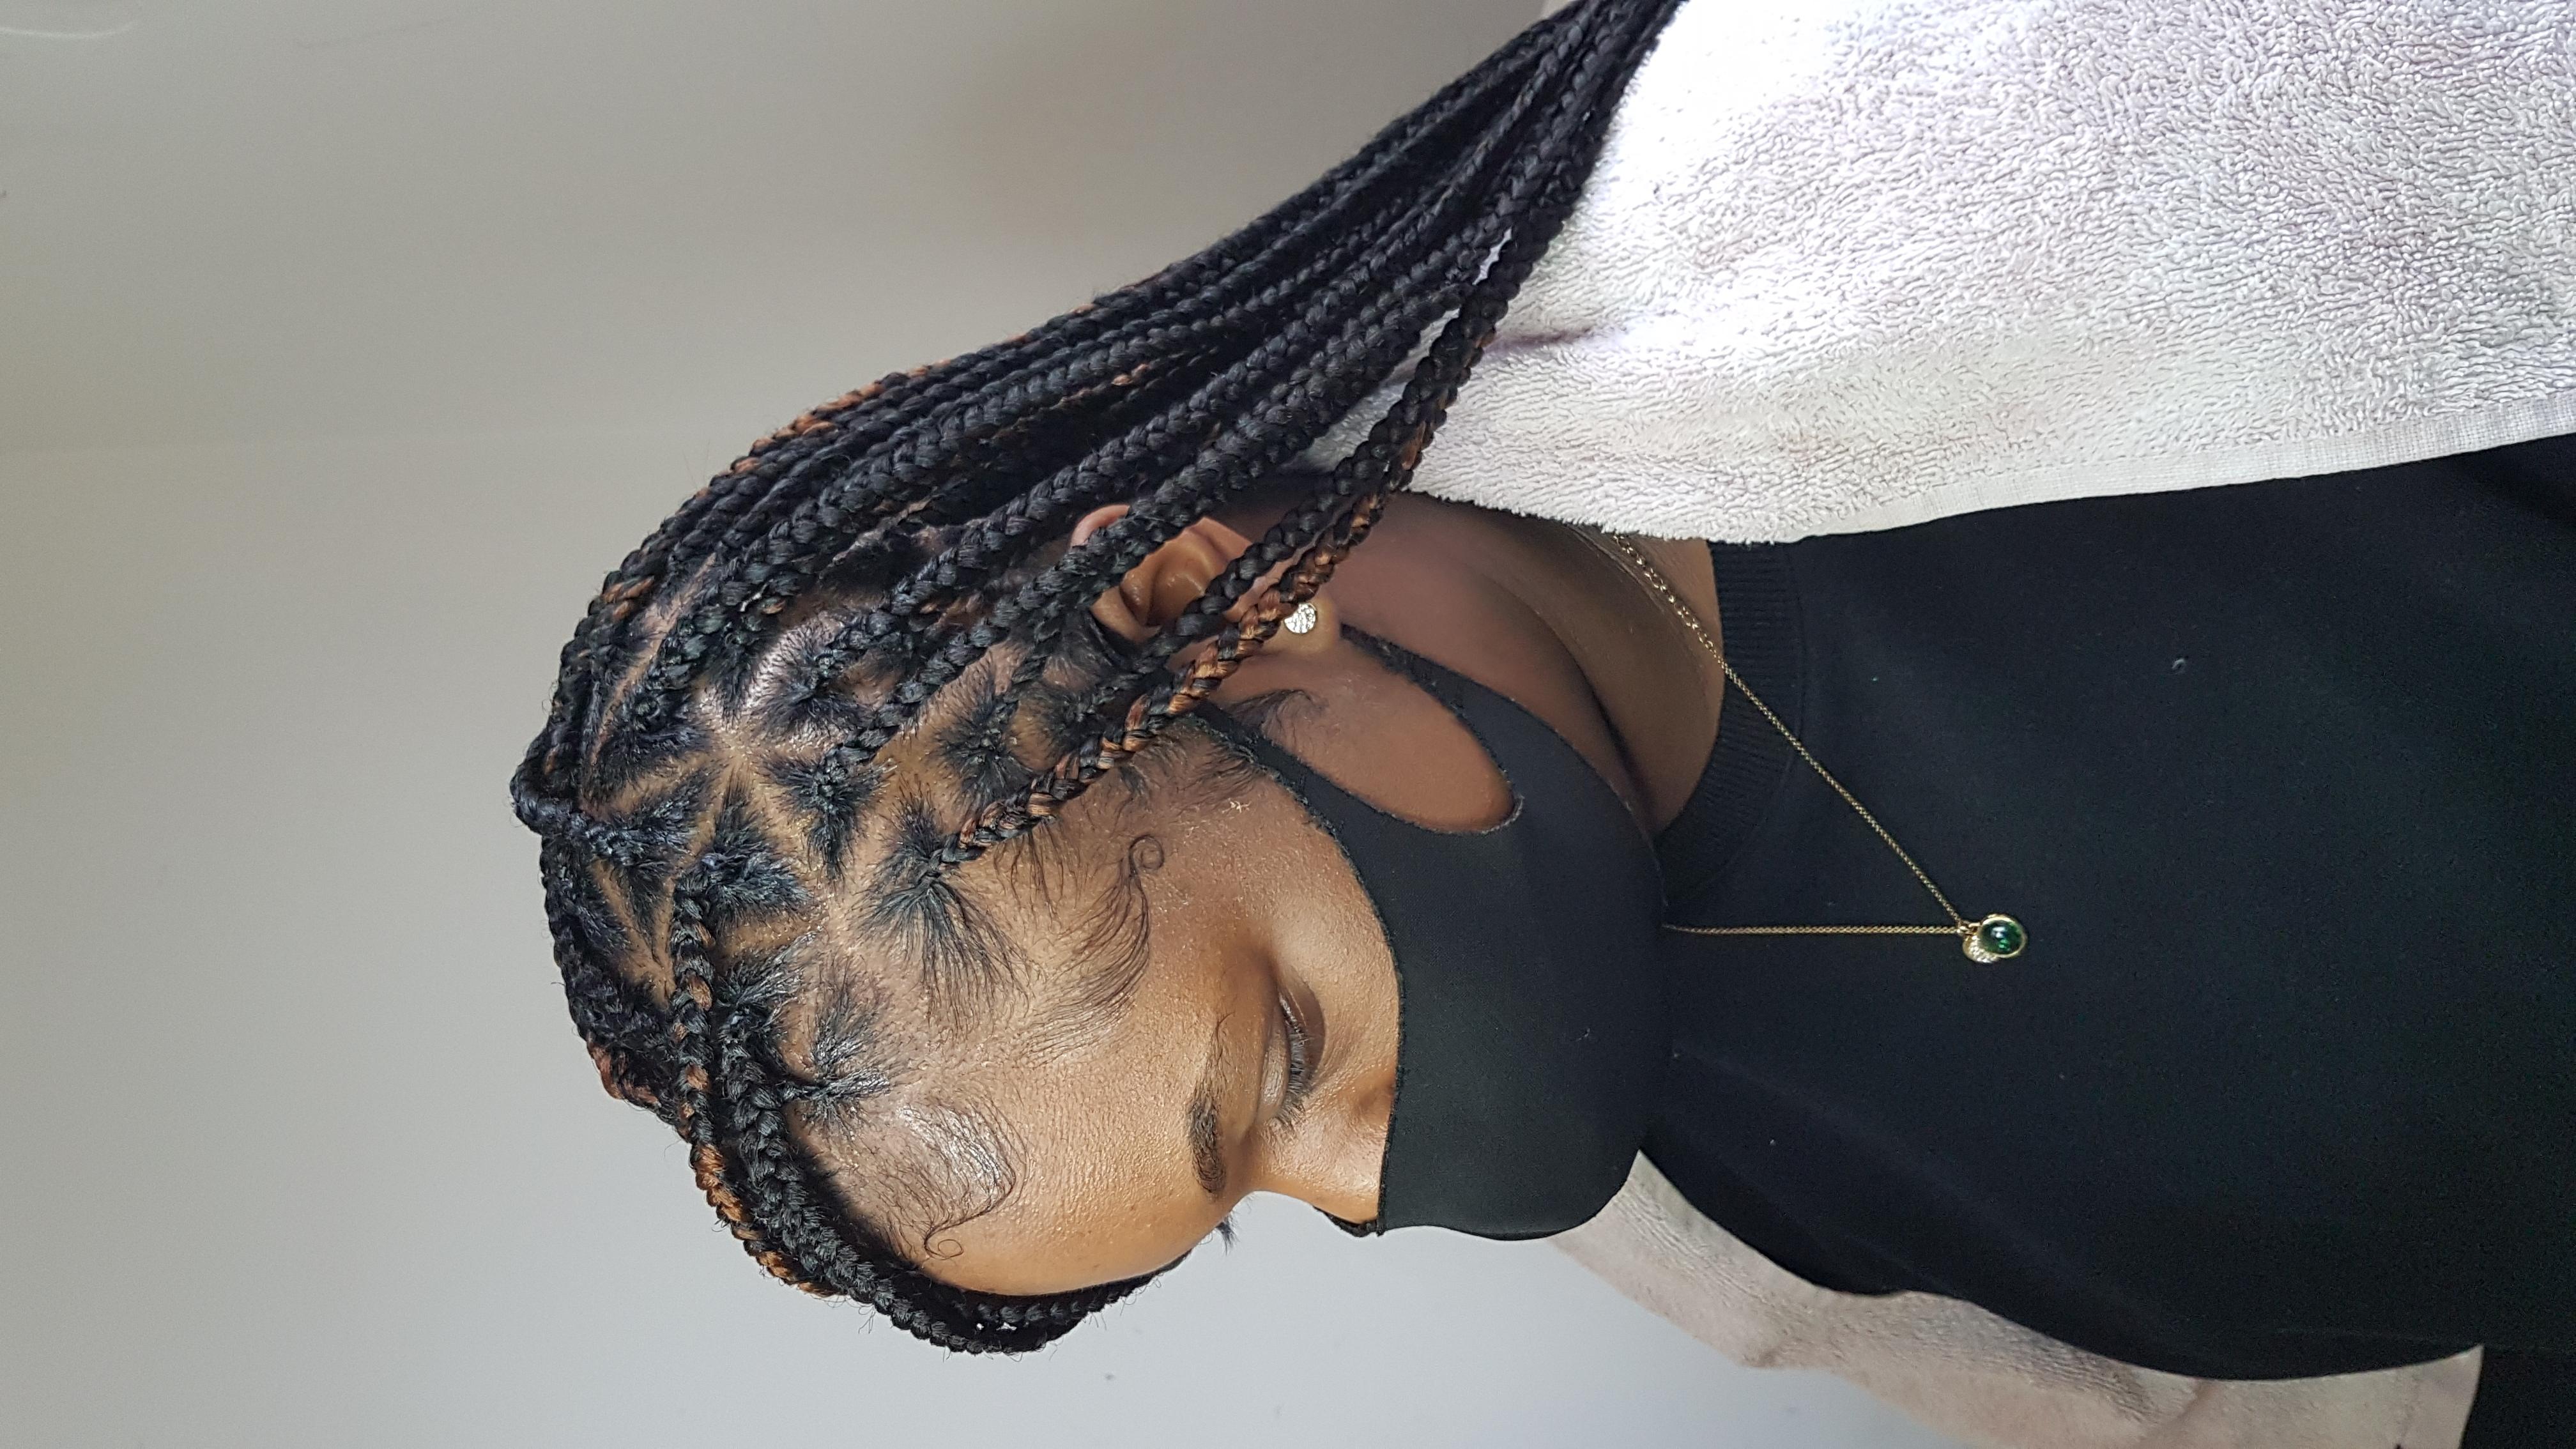 salon de coiffure afro tresse tresses box braids crochet braids vanilles tissages paris 75 77 78 91 92 93 94 95 TTTBBOEG